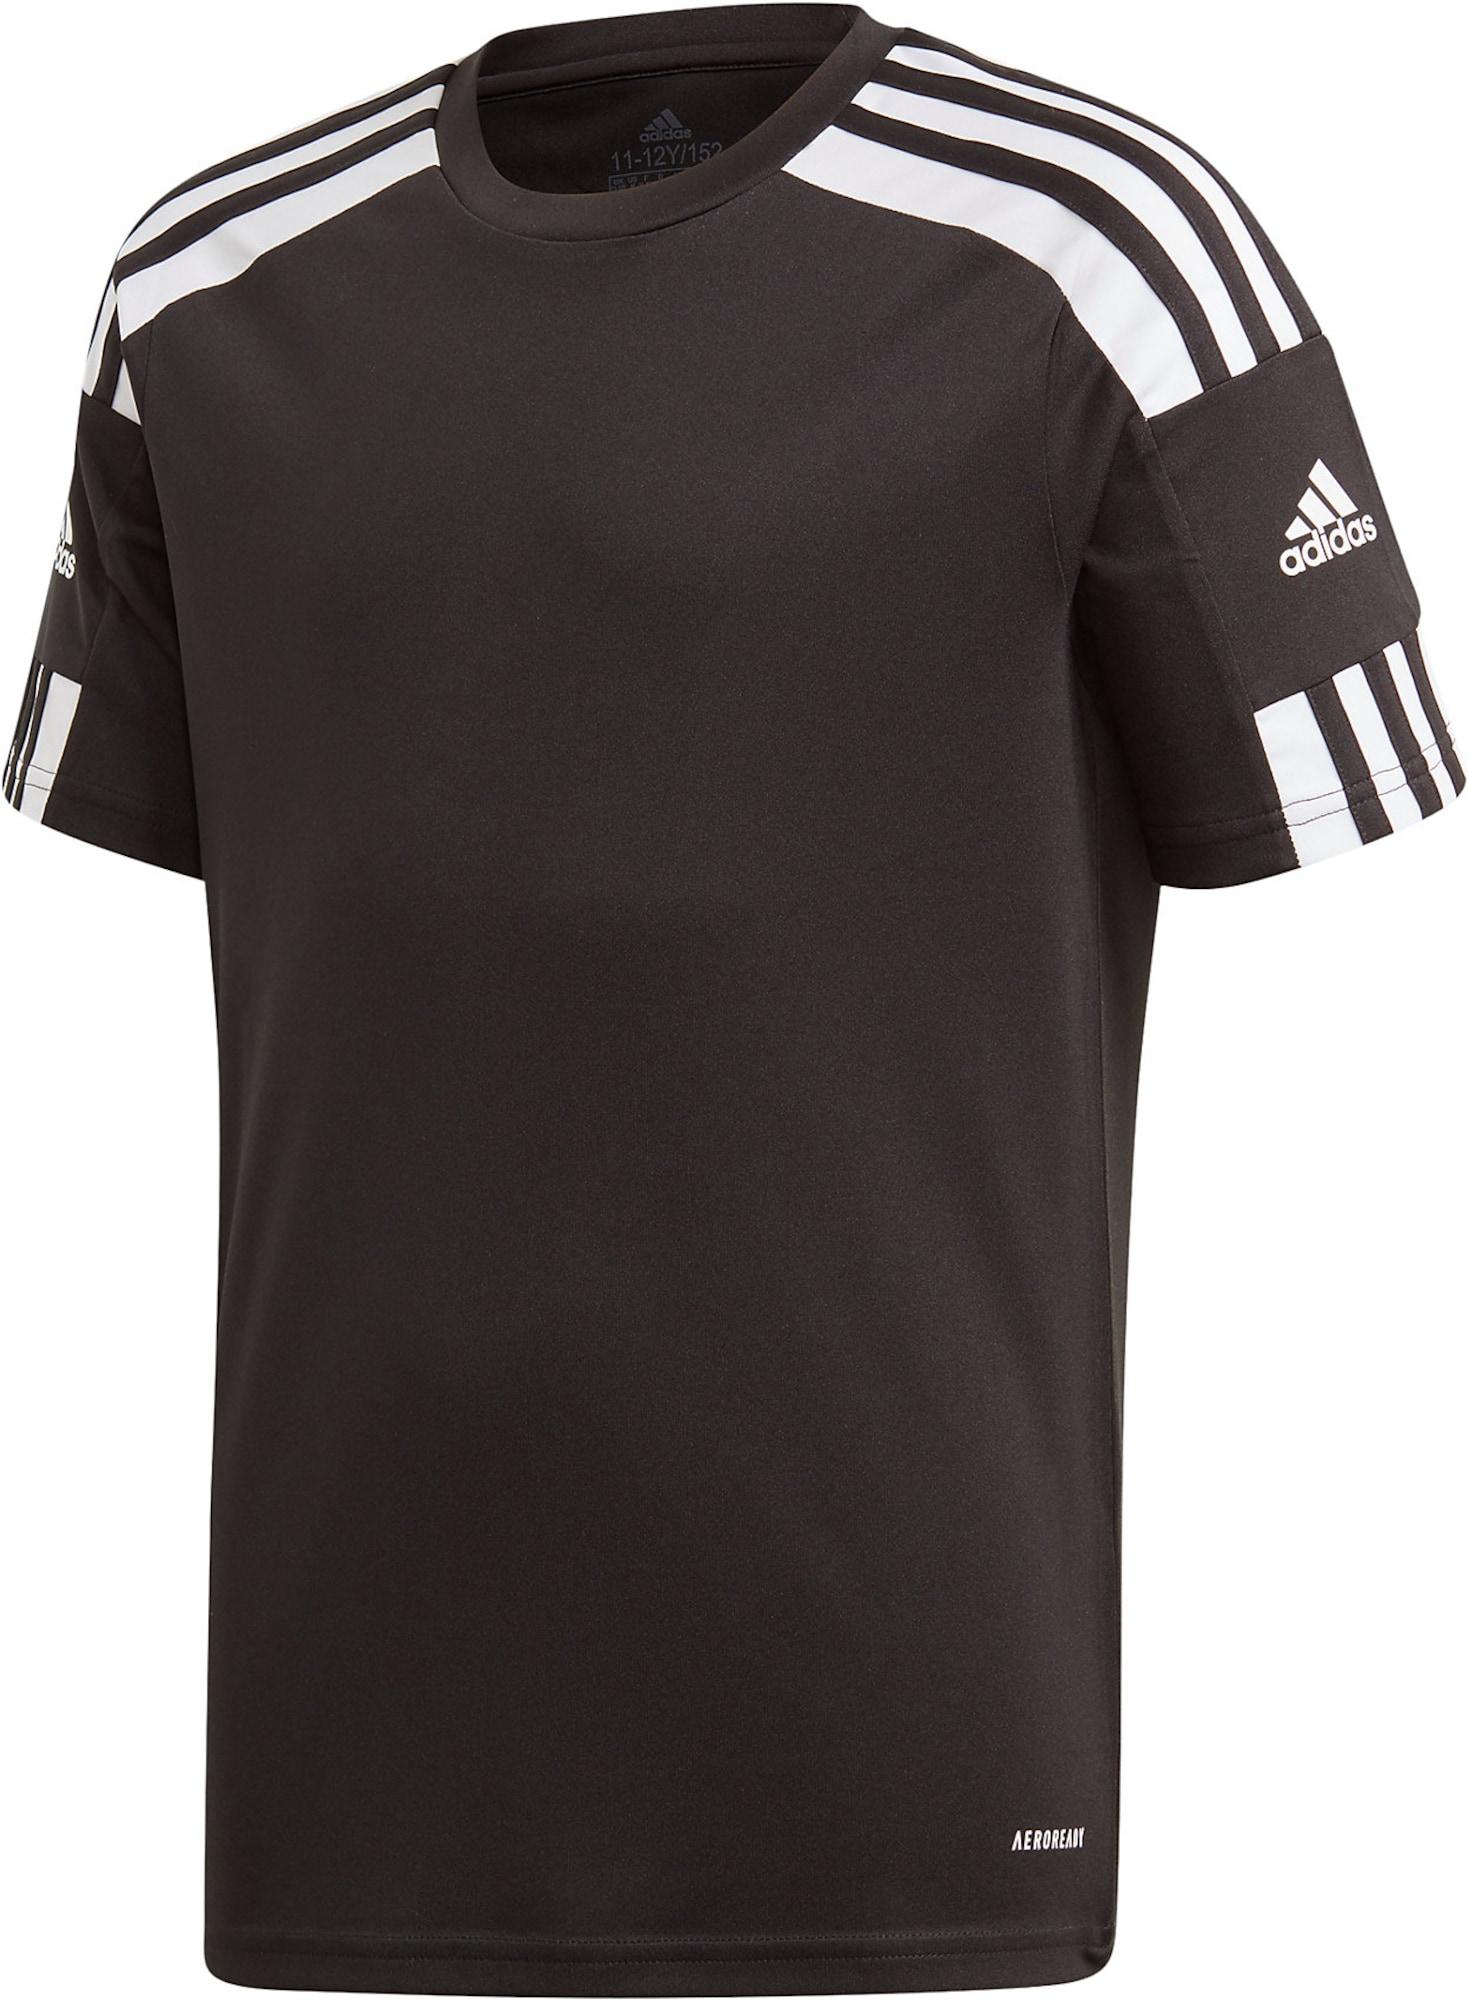 ADIDAS PERFORMANCE Sportiniai marškinėliai 'Squadra 21' juoda / balta